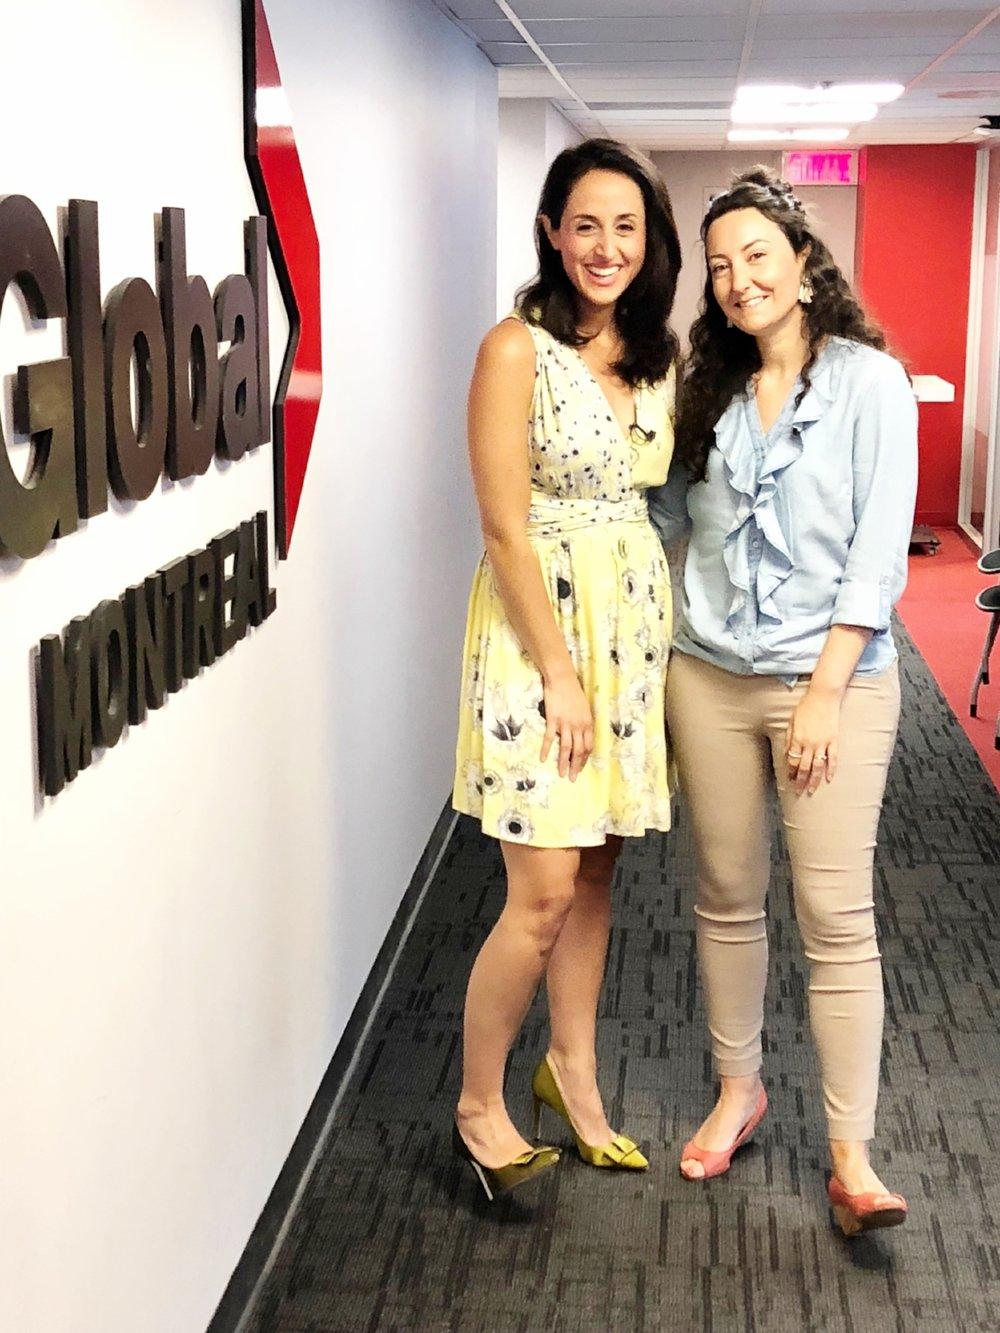 chronique télé-quoi faire cet été à la maison-jeux enfants-global-tv-télé-Je suis une maman-Jaime Damak